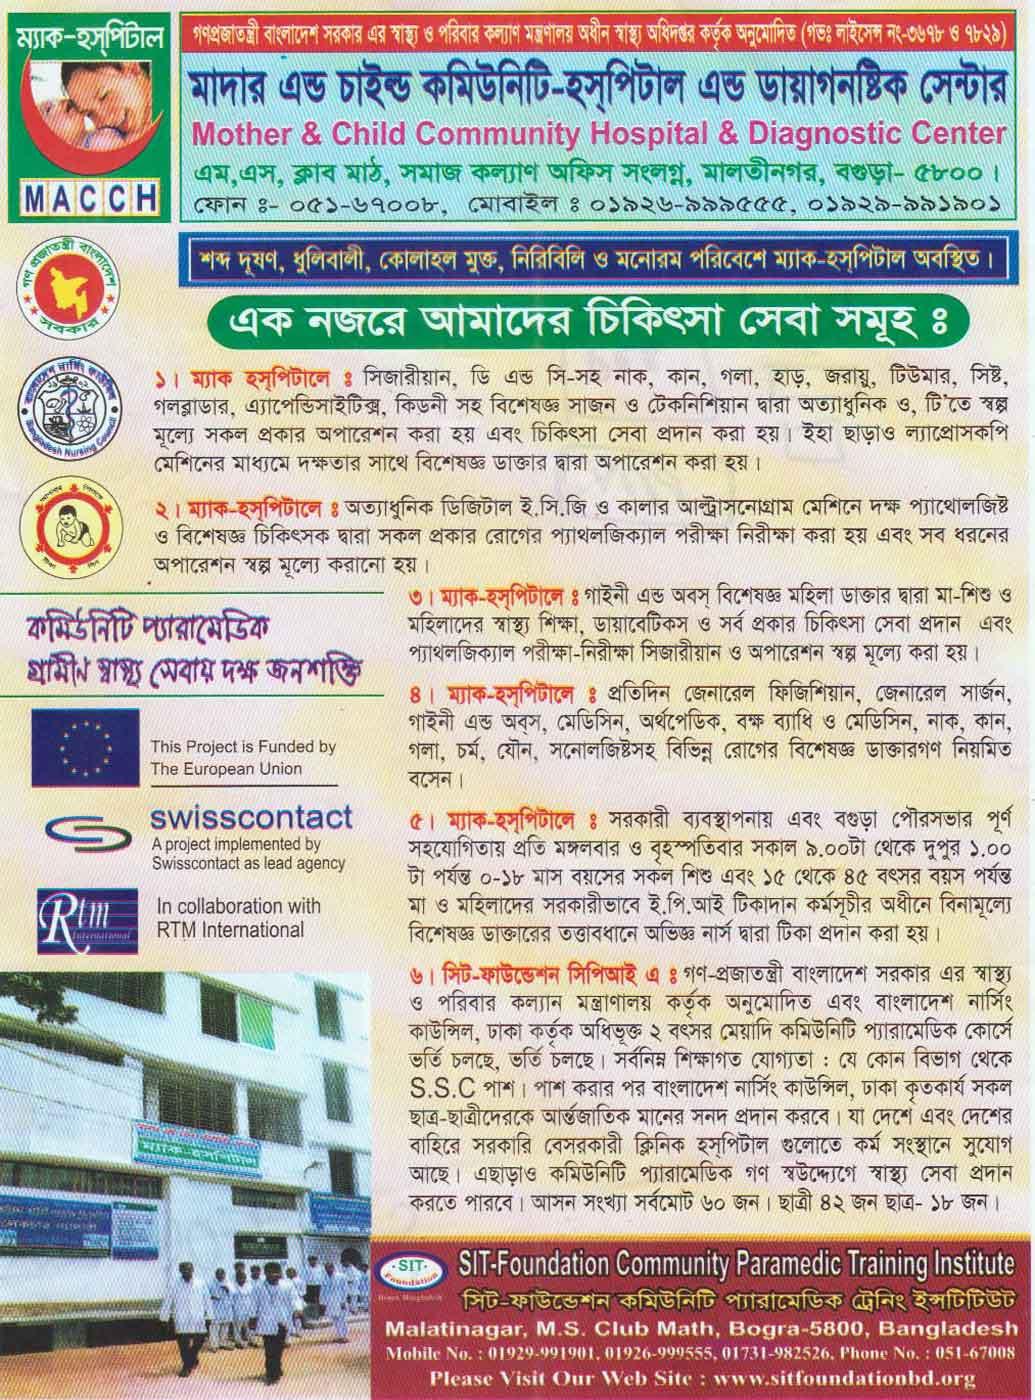 SIT-Foundation Macch Hospital